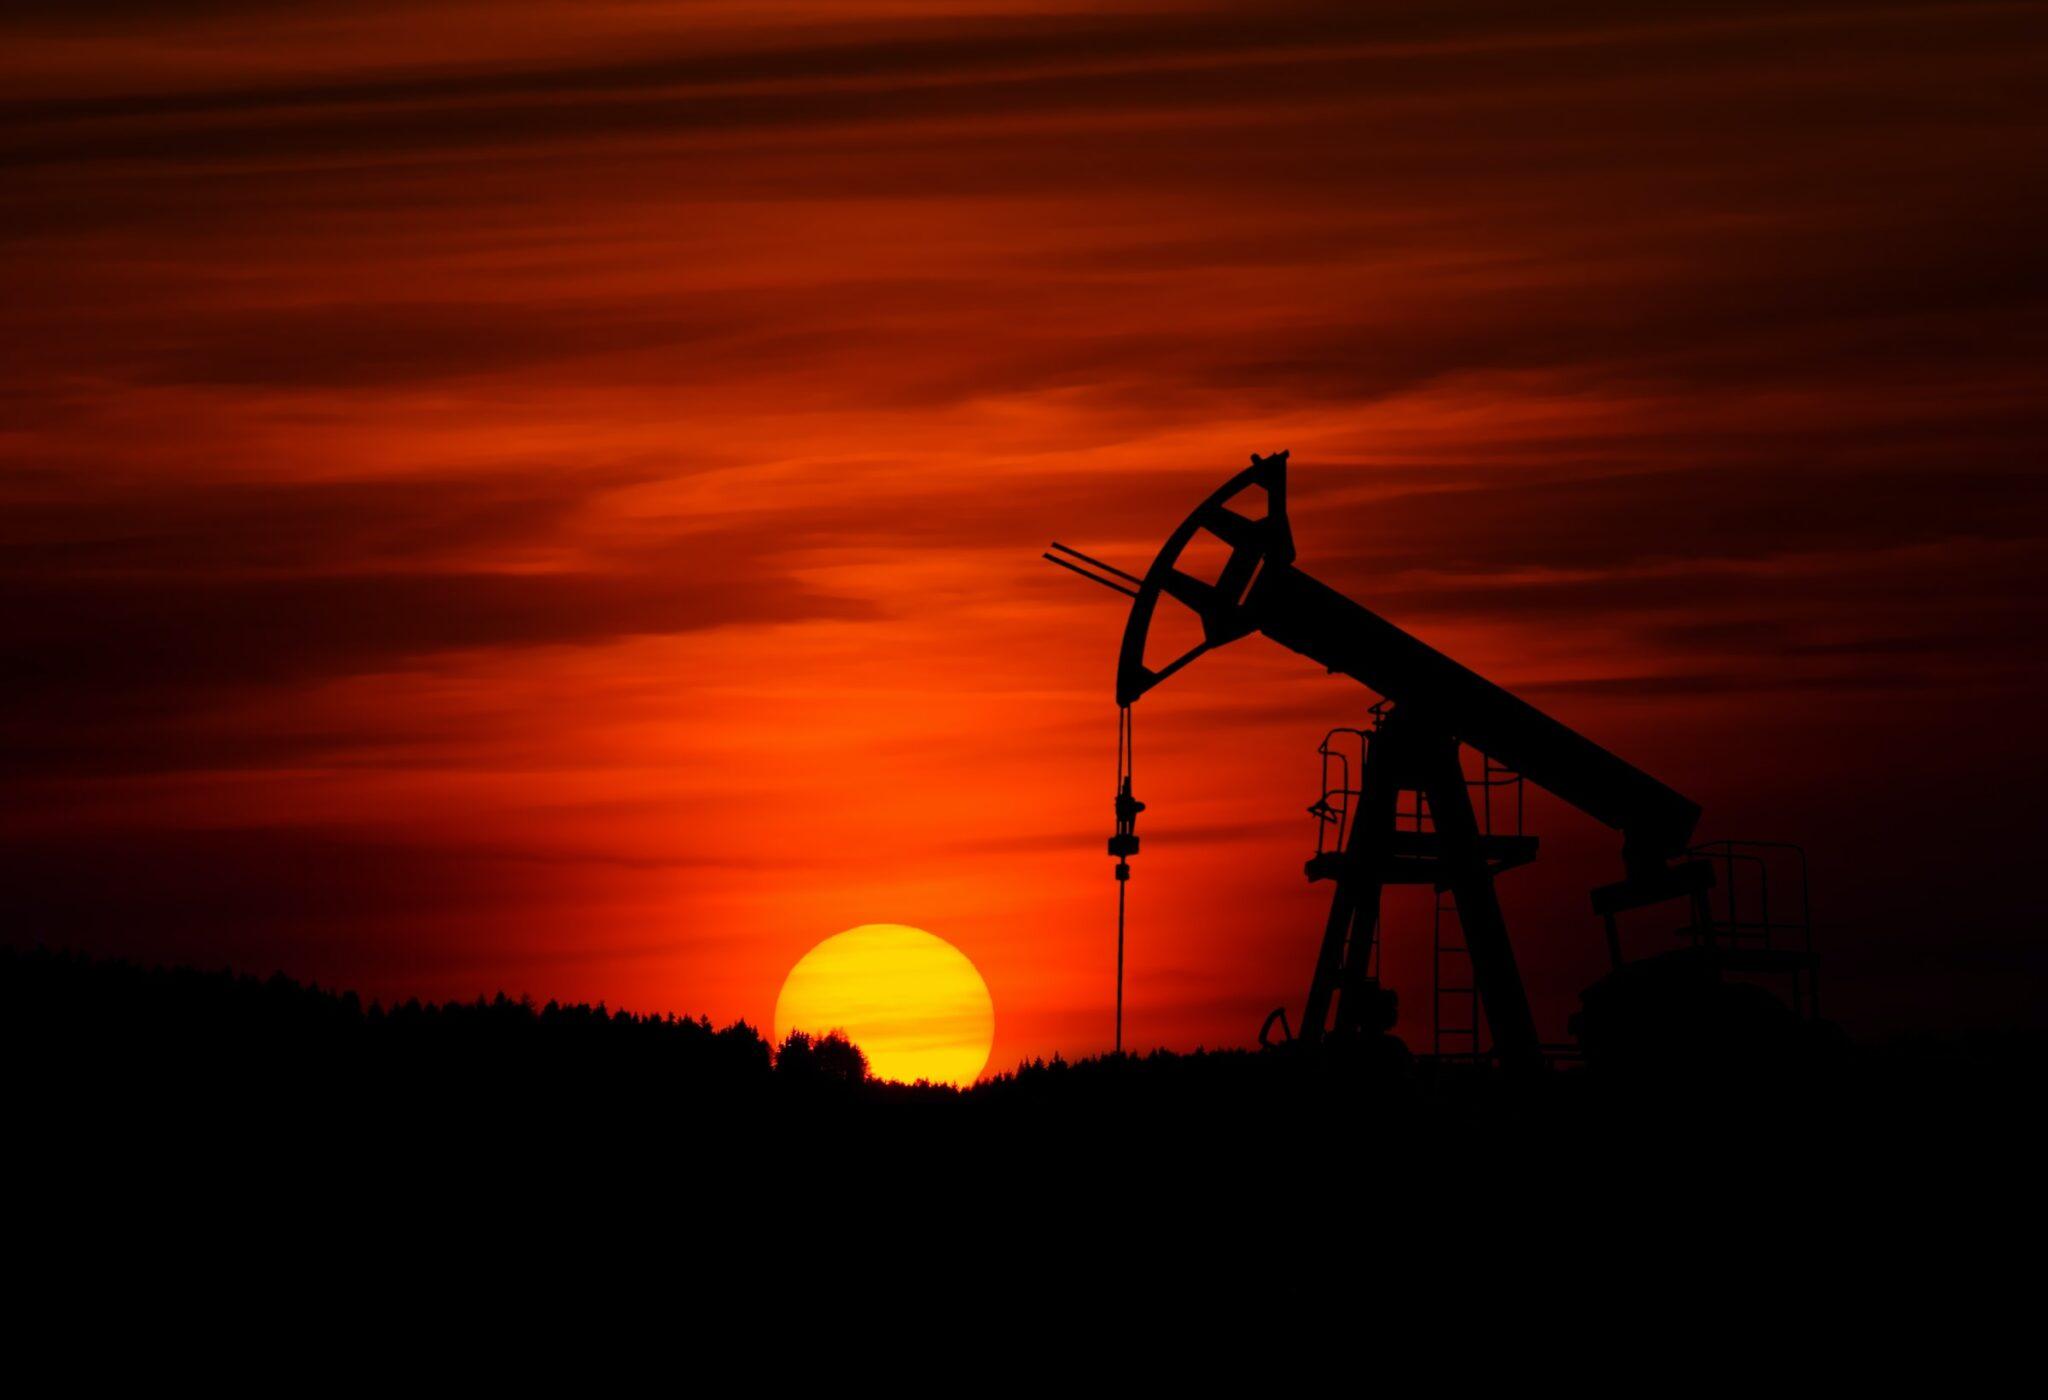 Eine Ölförderpumpe als Schattenriss vor einem intensiv roten Sonnenuntergang